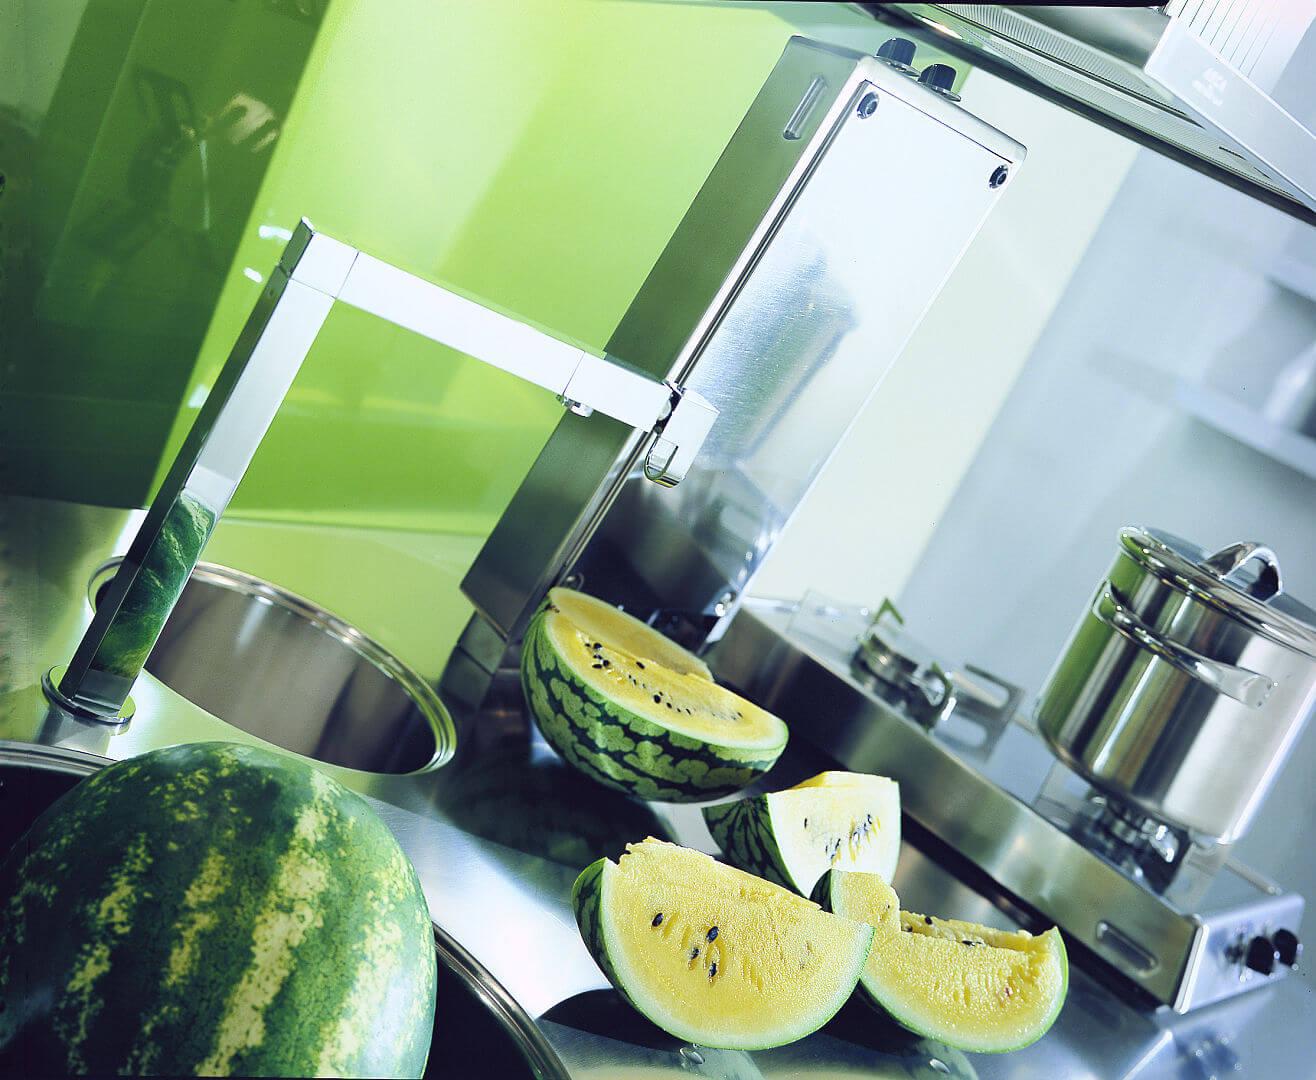 Free - Arca Cucine Italia - Cucine in Acciaio Inox